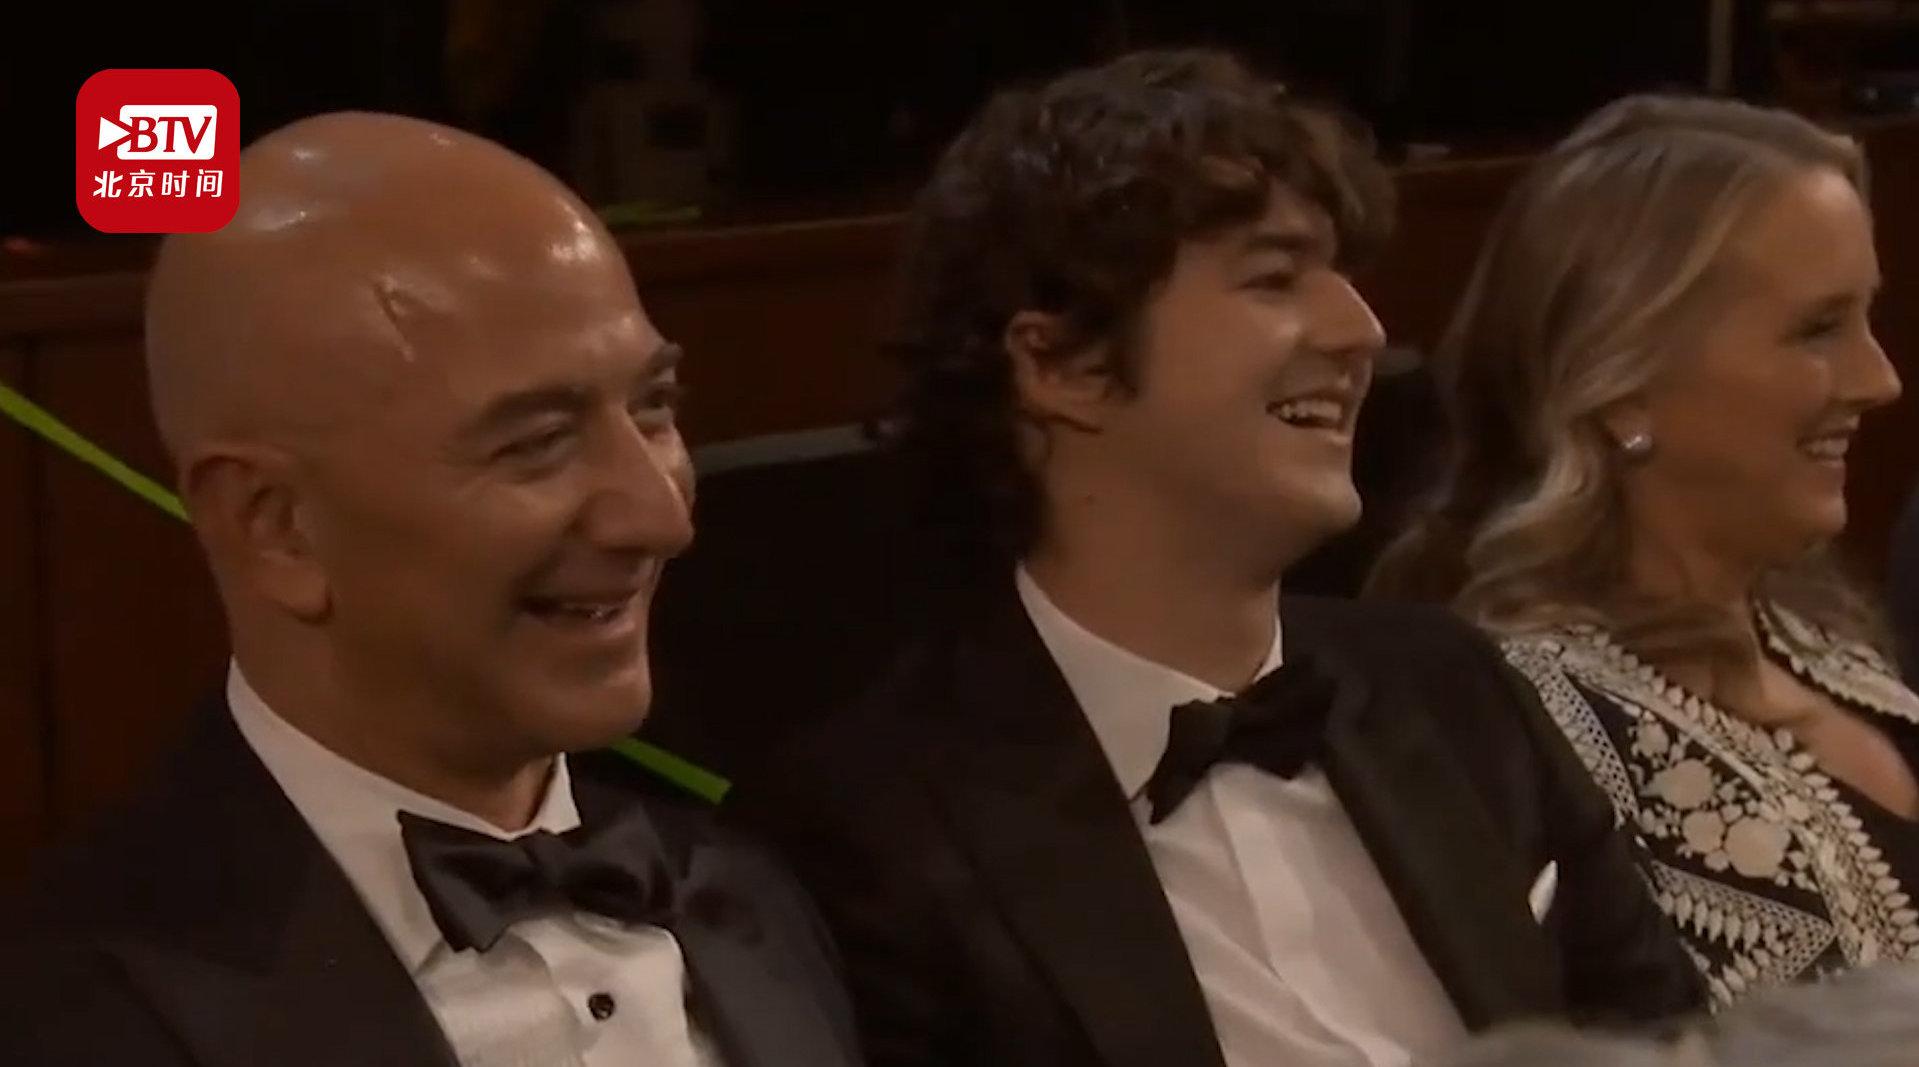 奥斯卡颁奖礼贝索斯被调侃背后 其出品影片曾三获奥斯卡奖